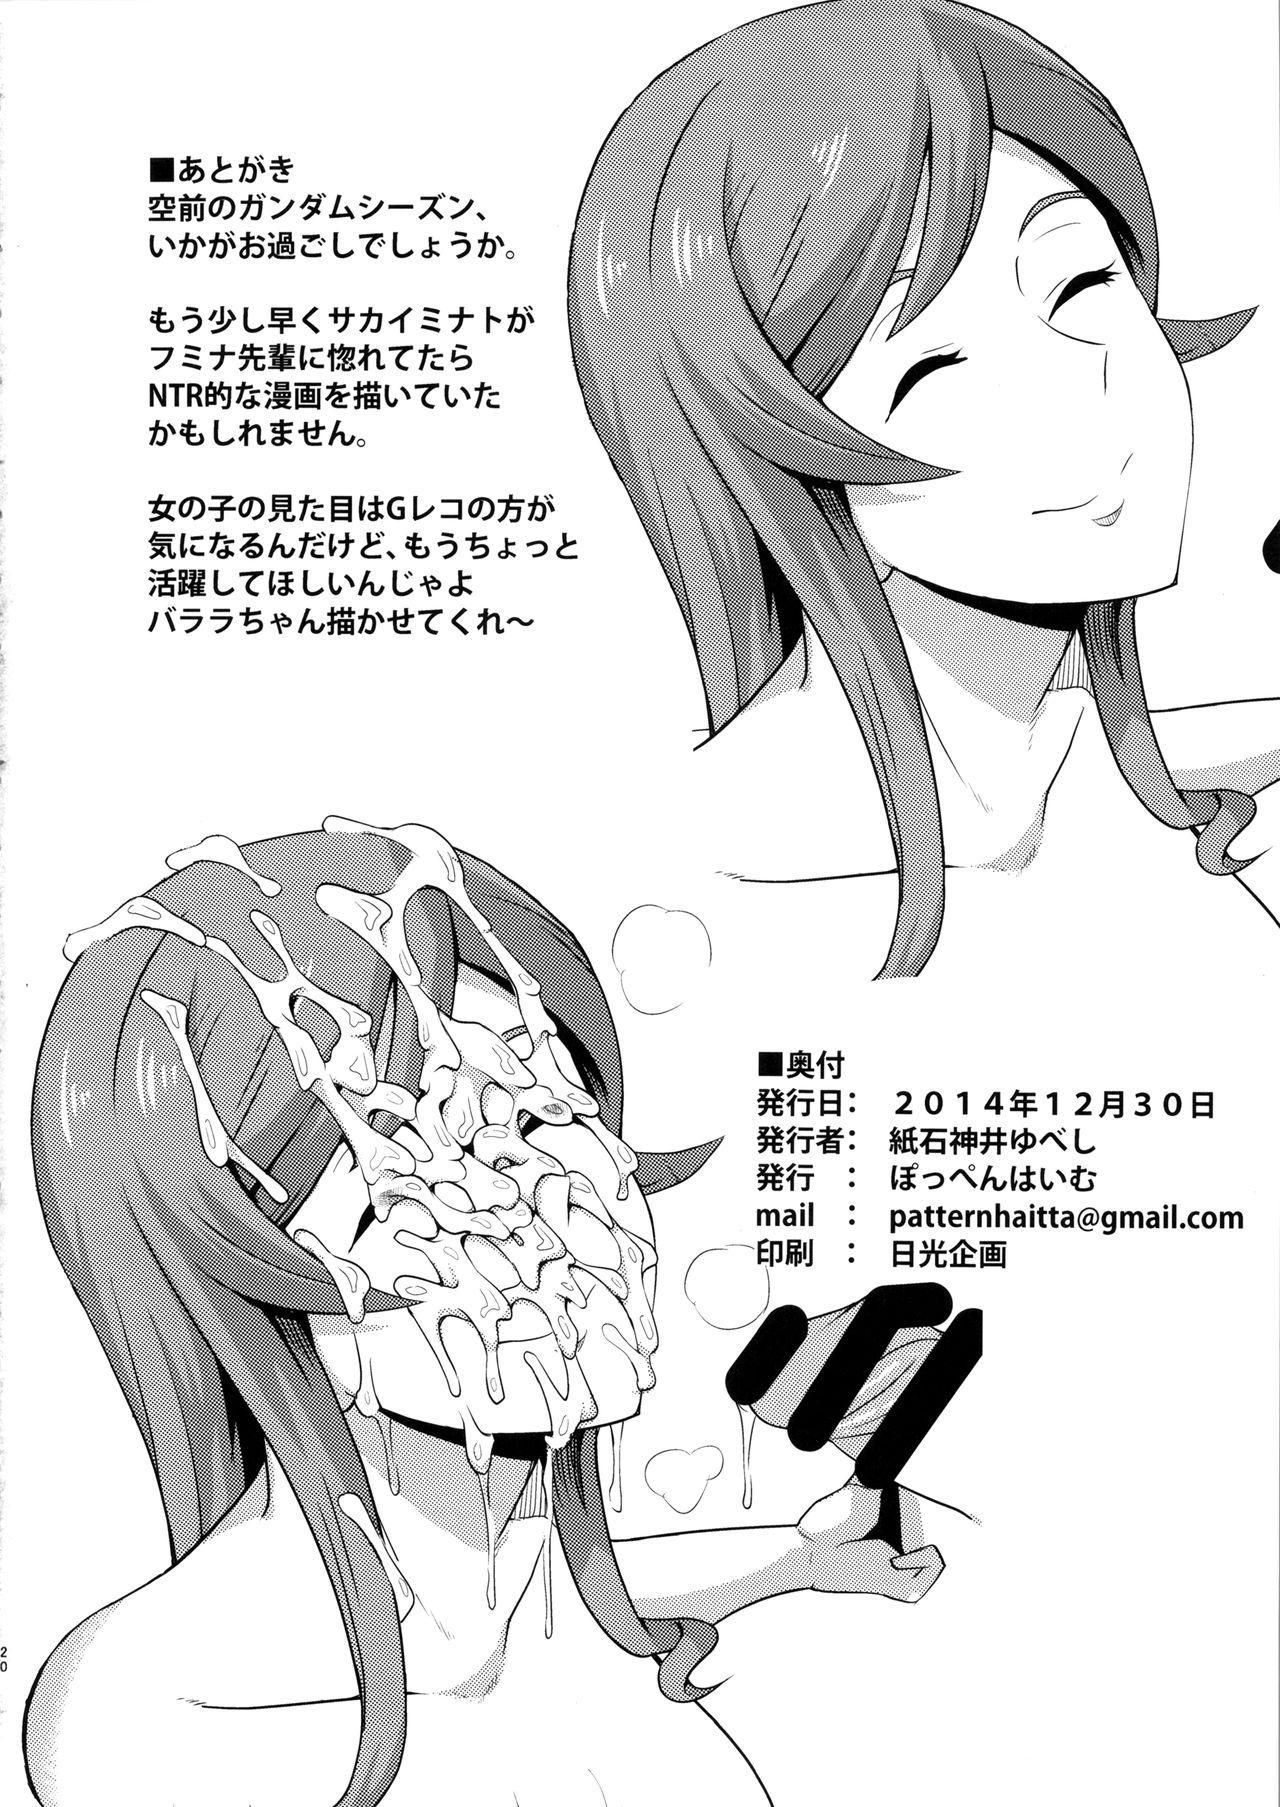 Kamiki Mirai no Sekai   Mirai Kamiki's World 20